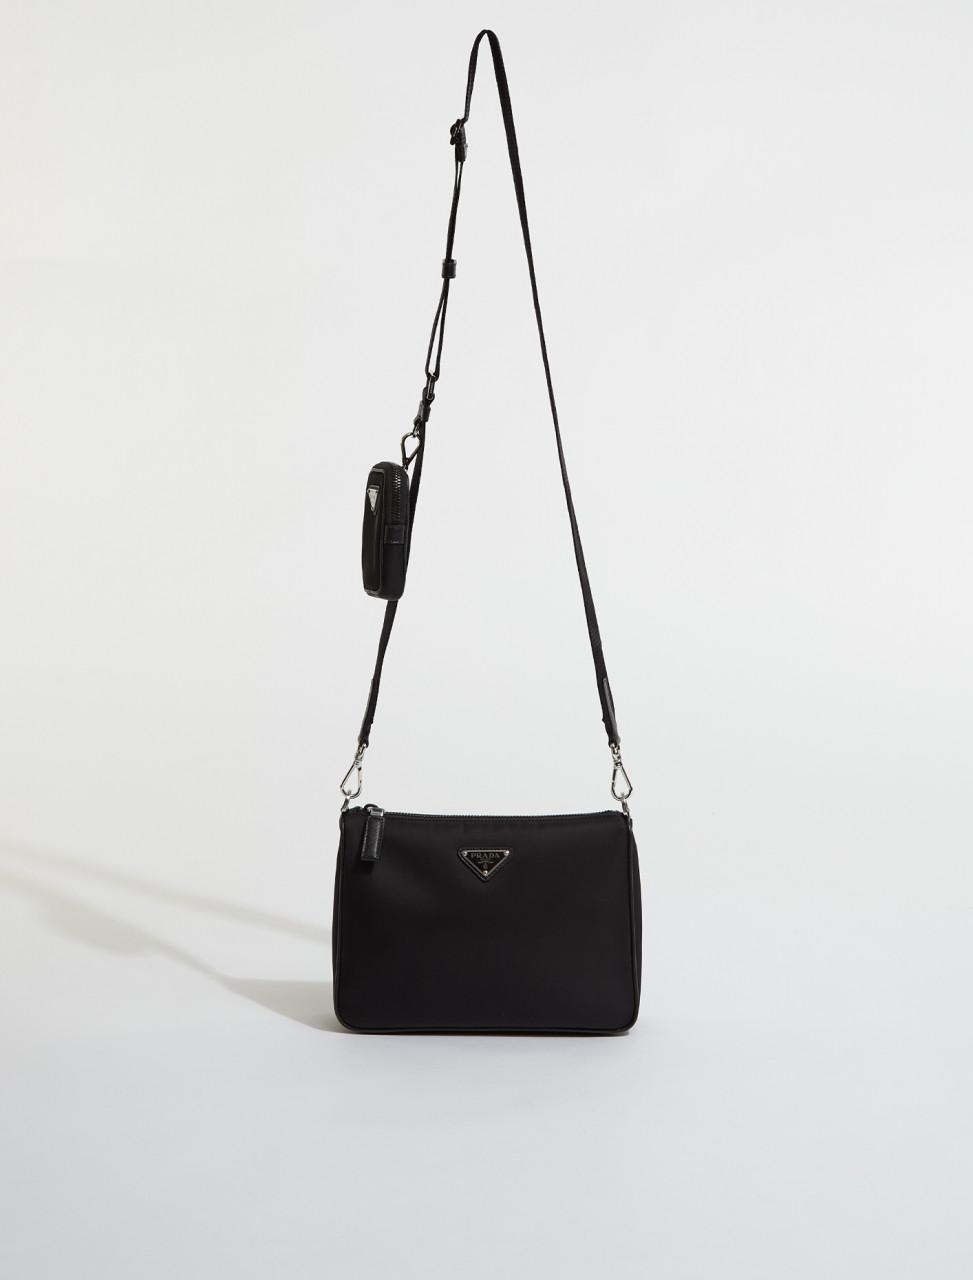 2VH113-F0002 PRADA NYLON SAFFIANO LEATHER BAG IN BLACK